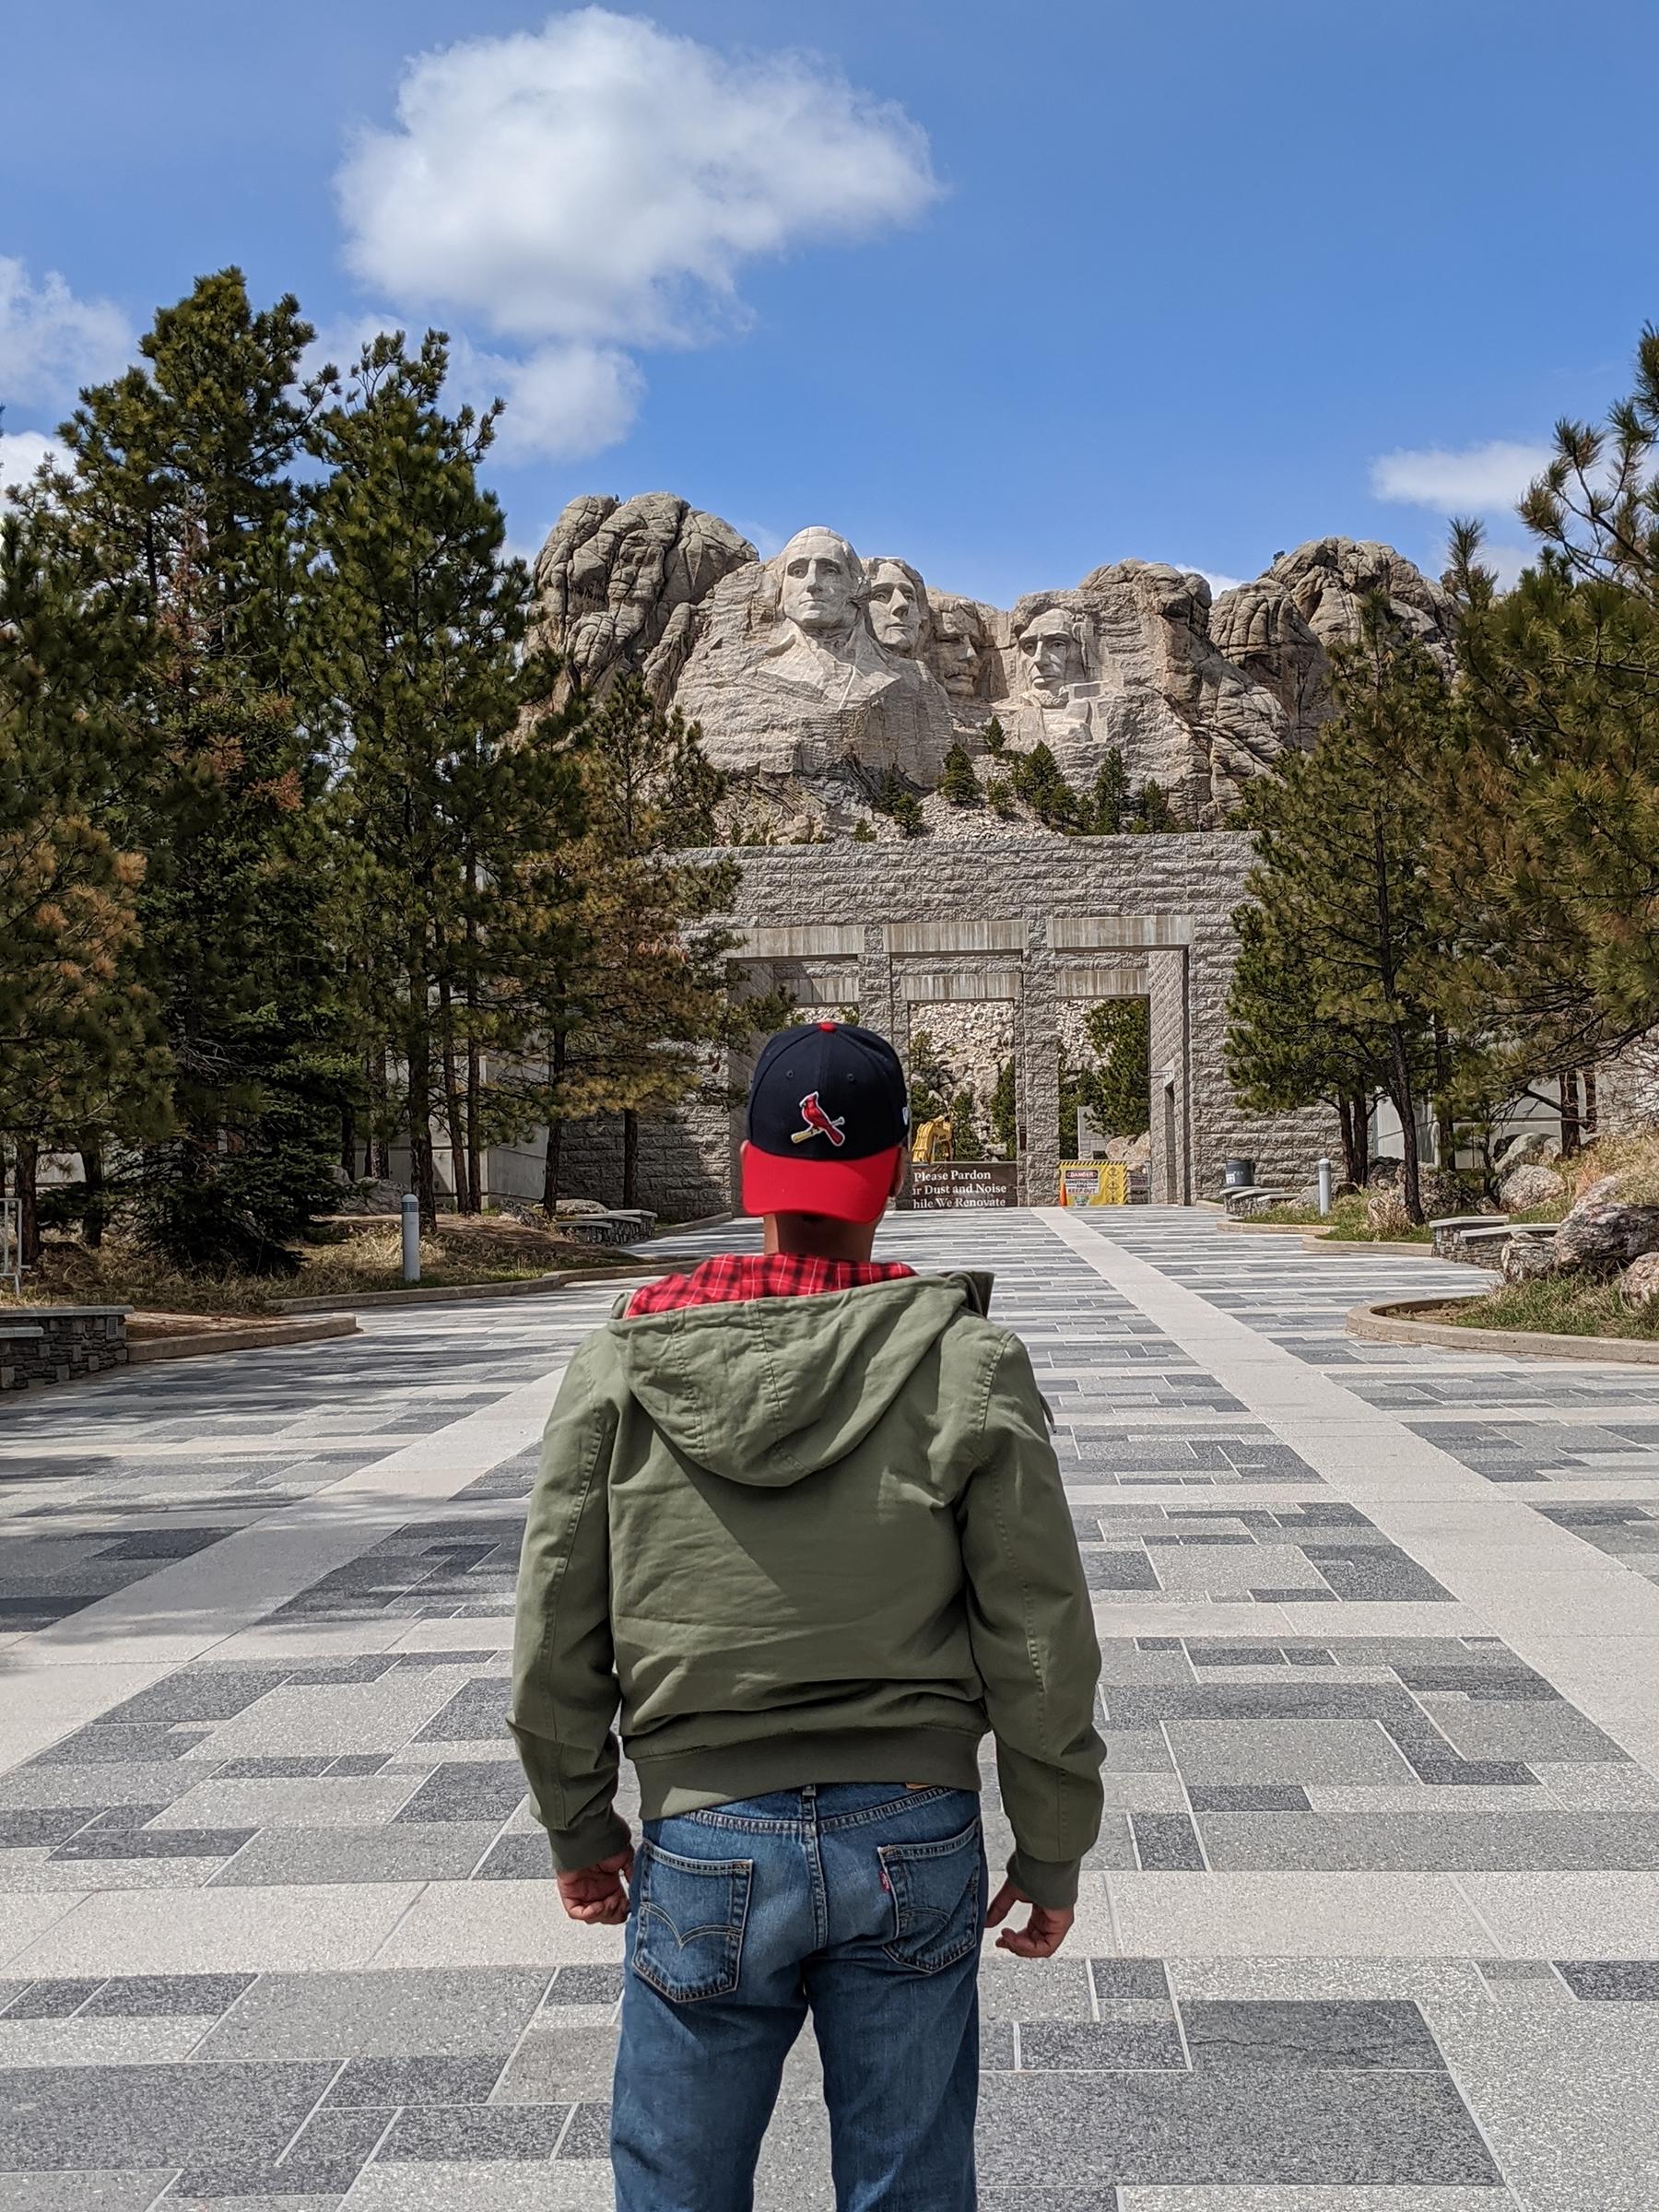 Social distancing in MT.Rushmore